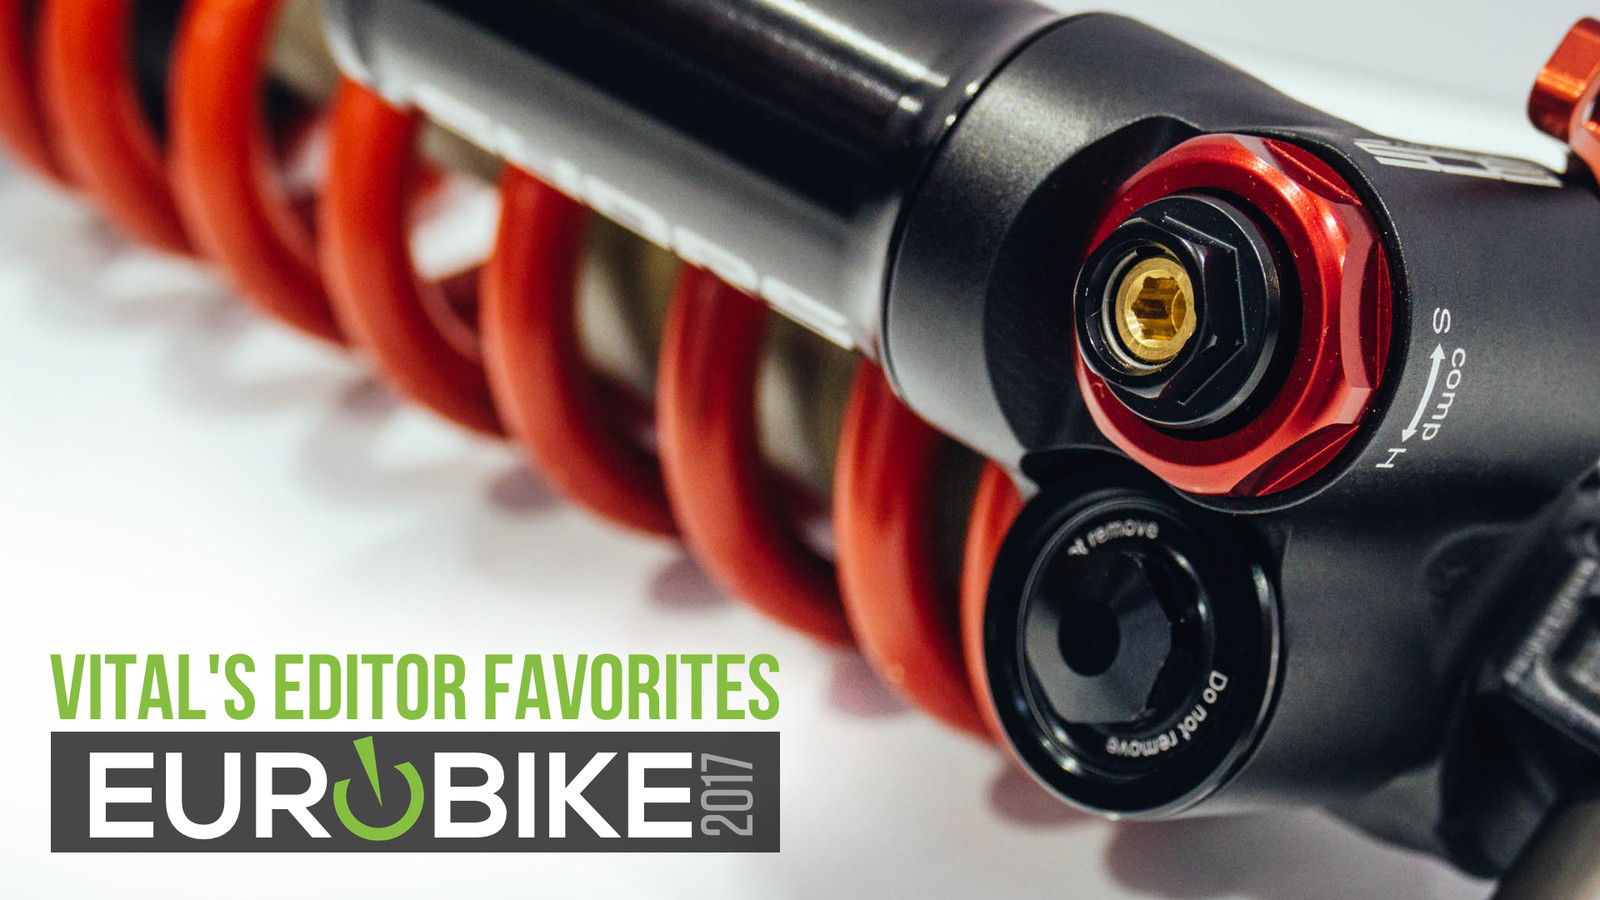 Vital MTB's Editor Favorites - Eurobike 2017